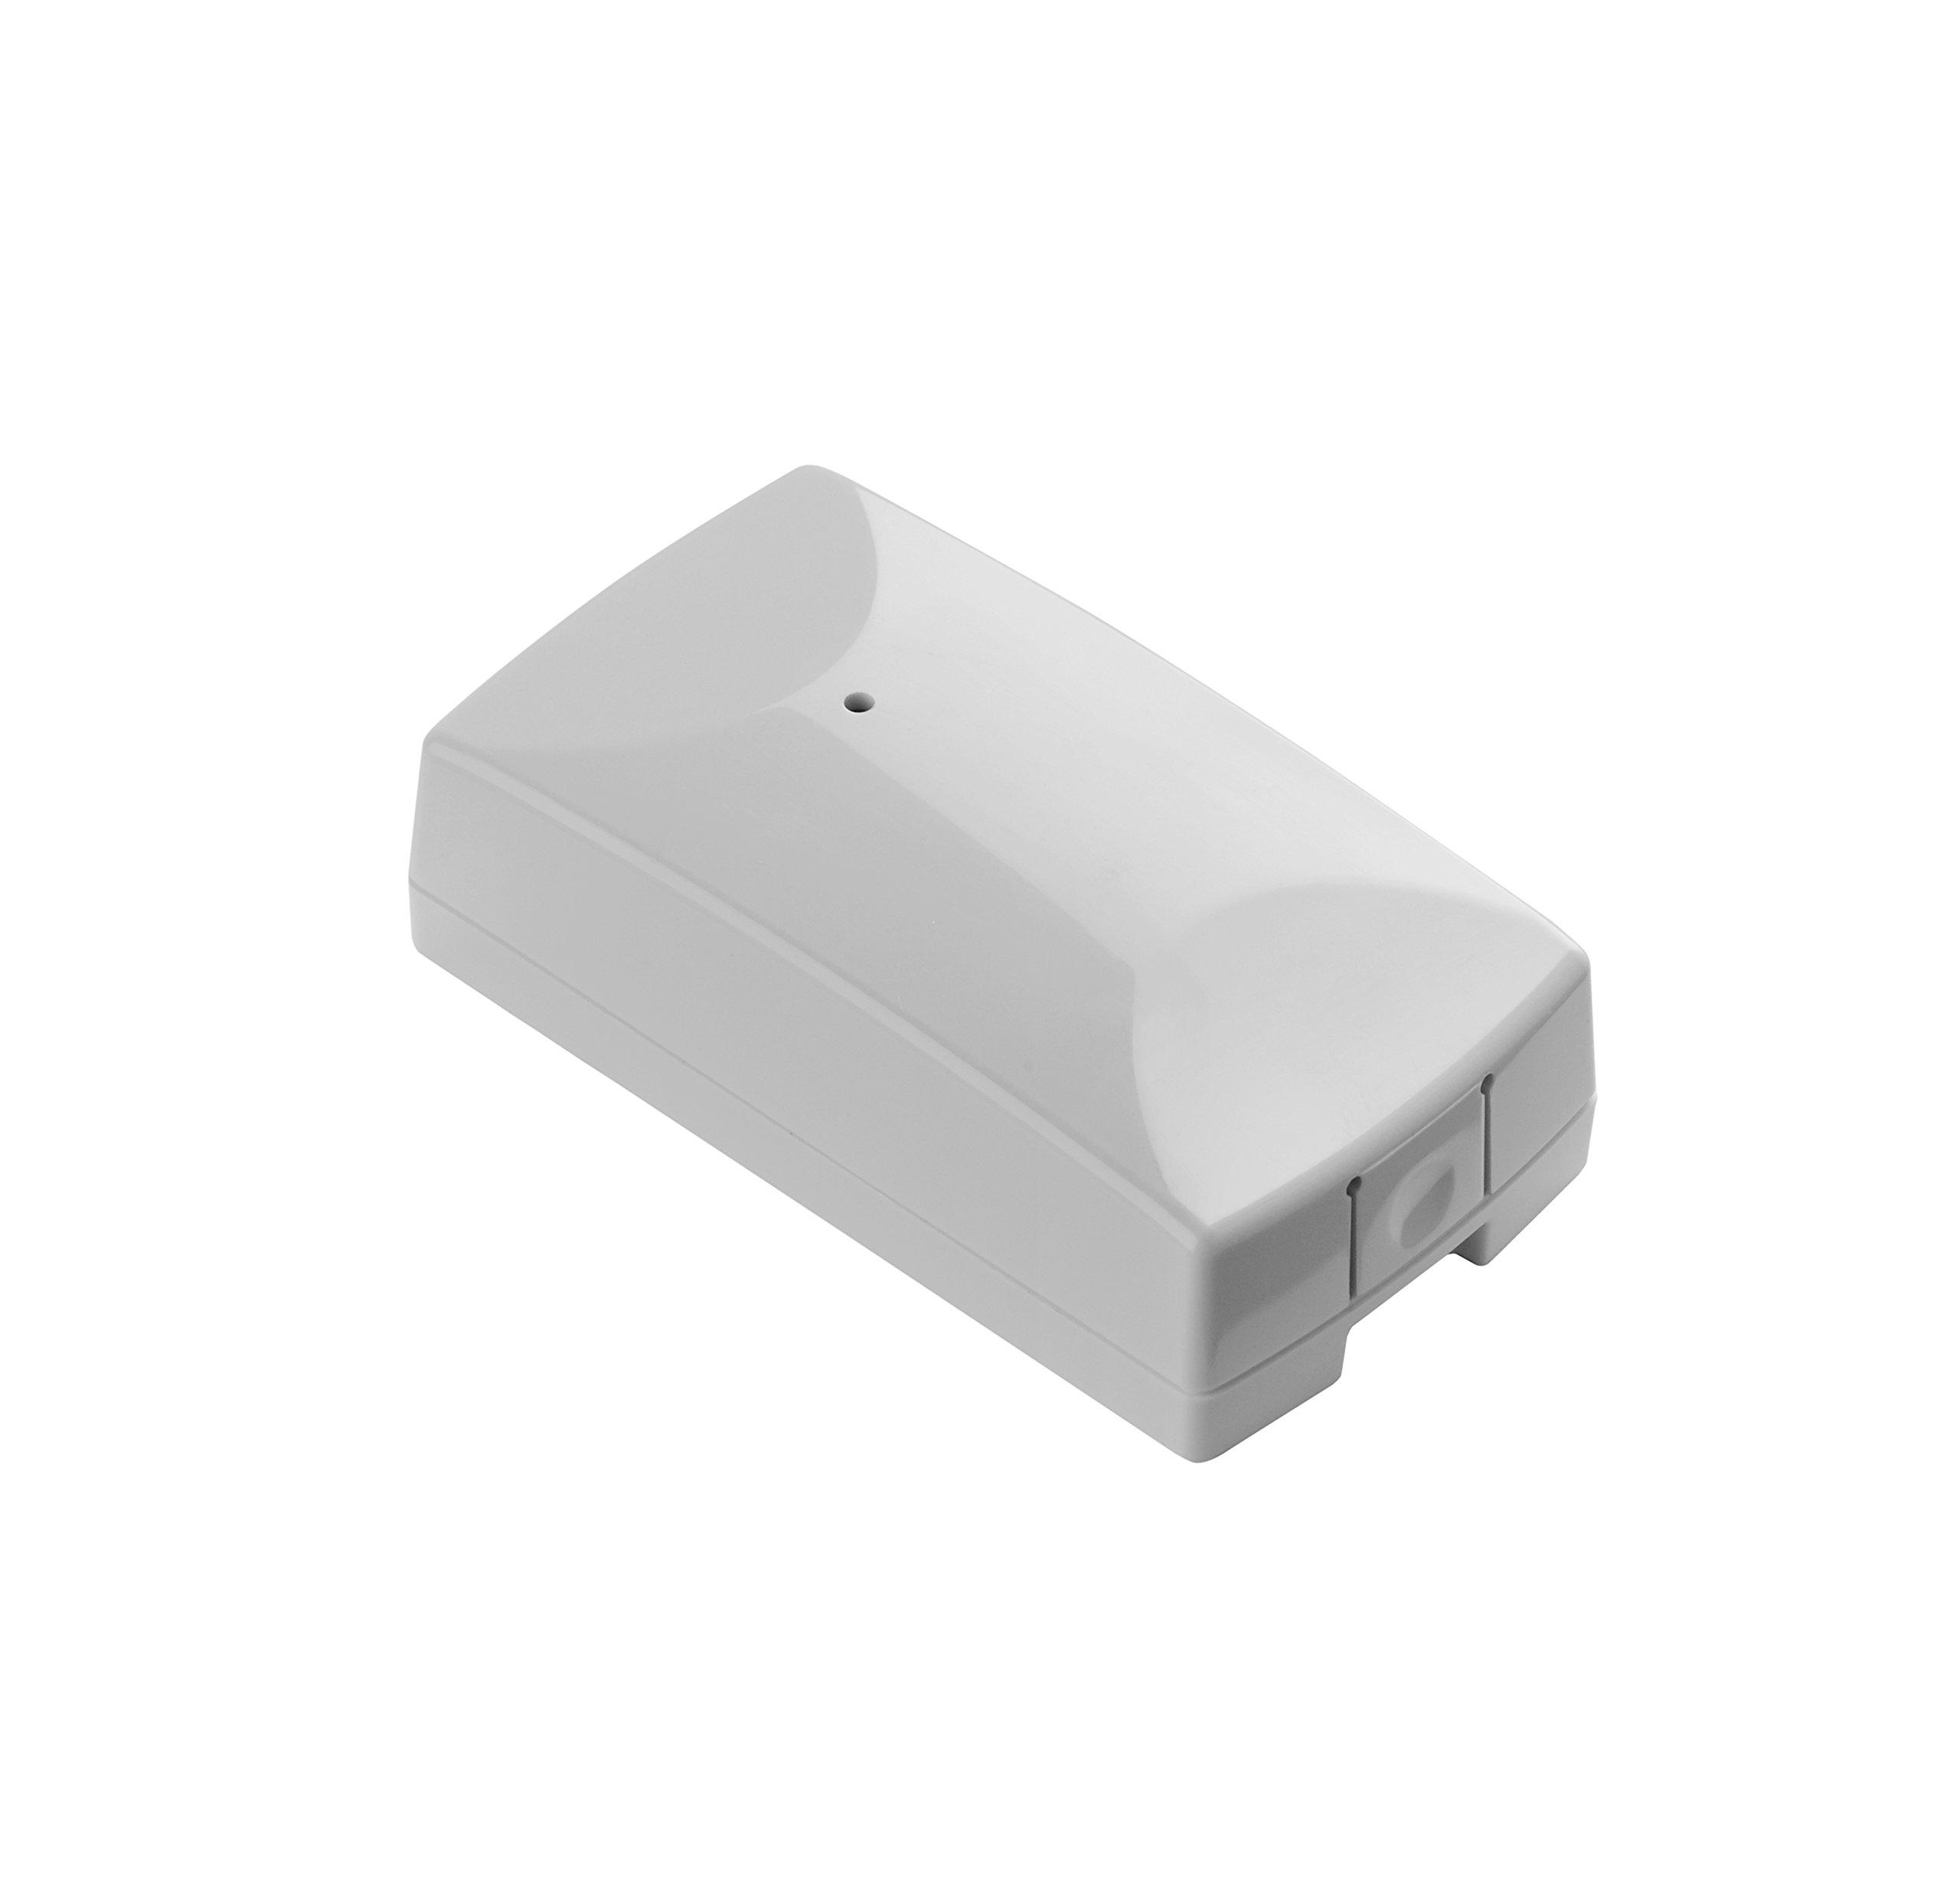 Z-Wave Plus Gold Plated Reliability Garage Door Tilt Sensor, White (TILT-ZWAVE2.5-ECO)